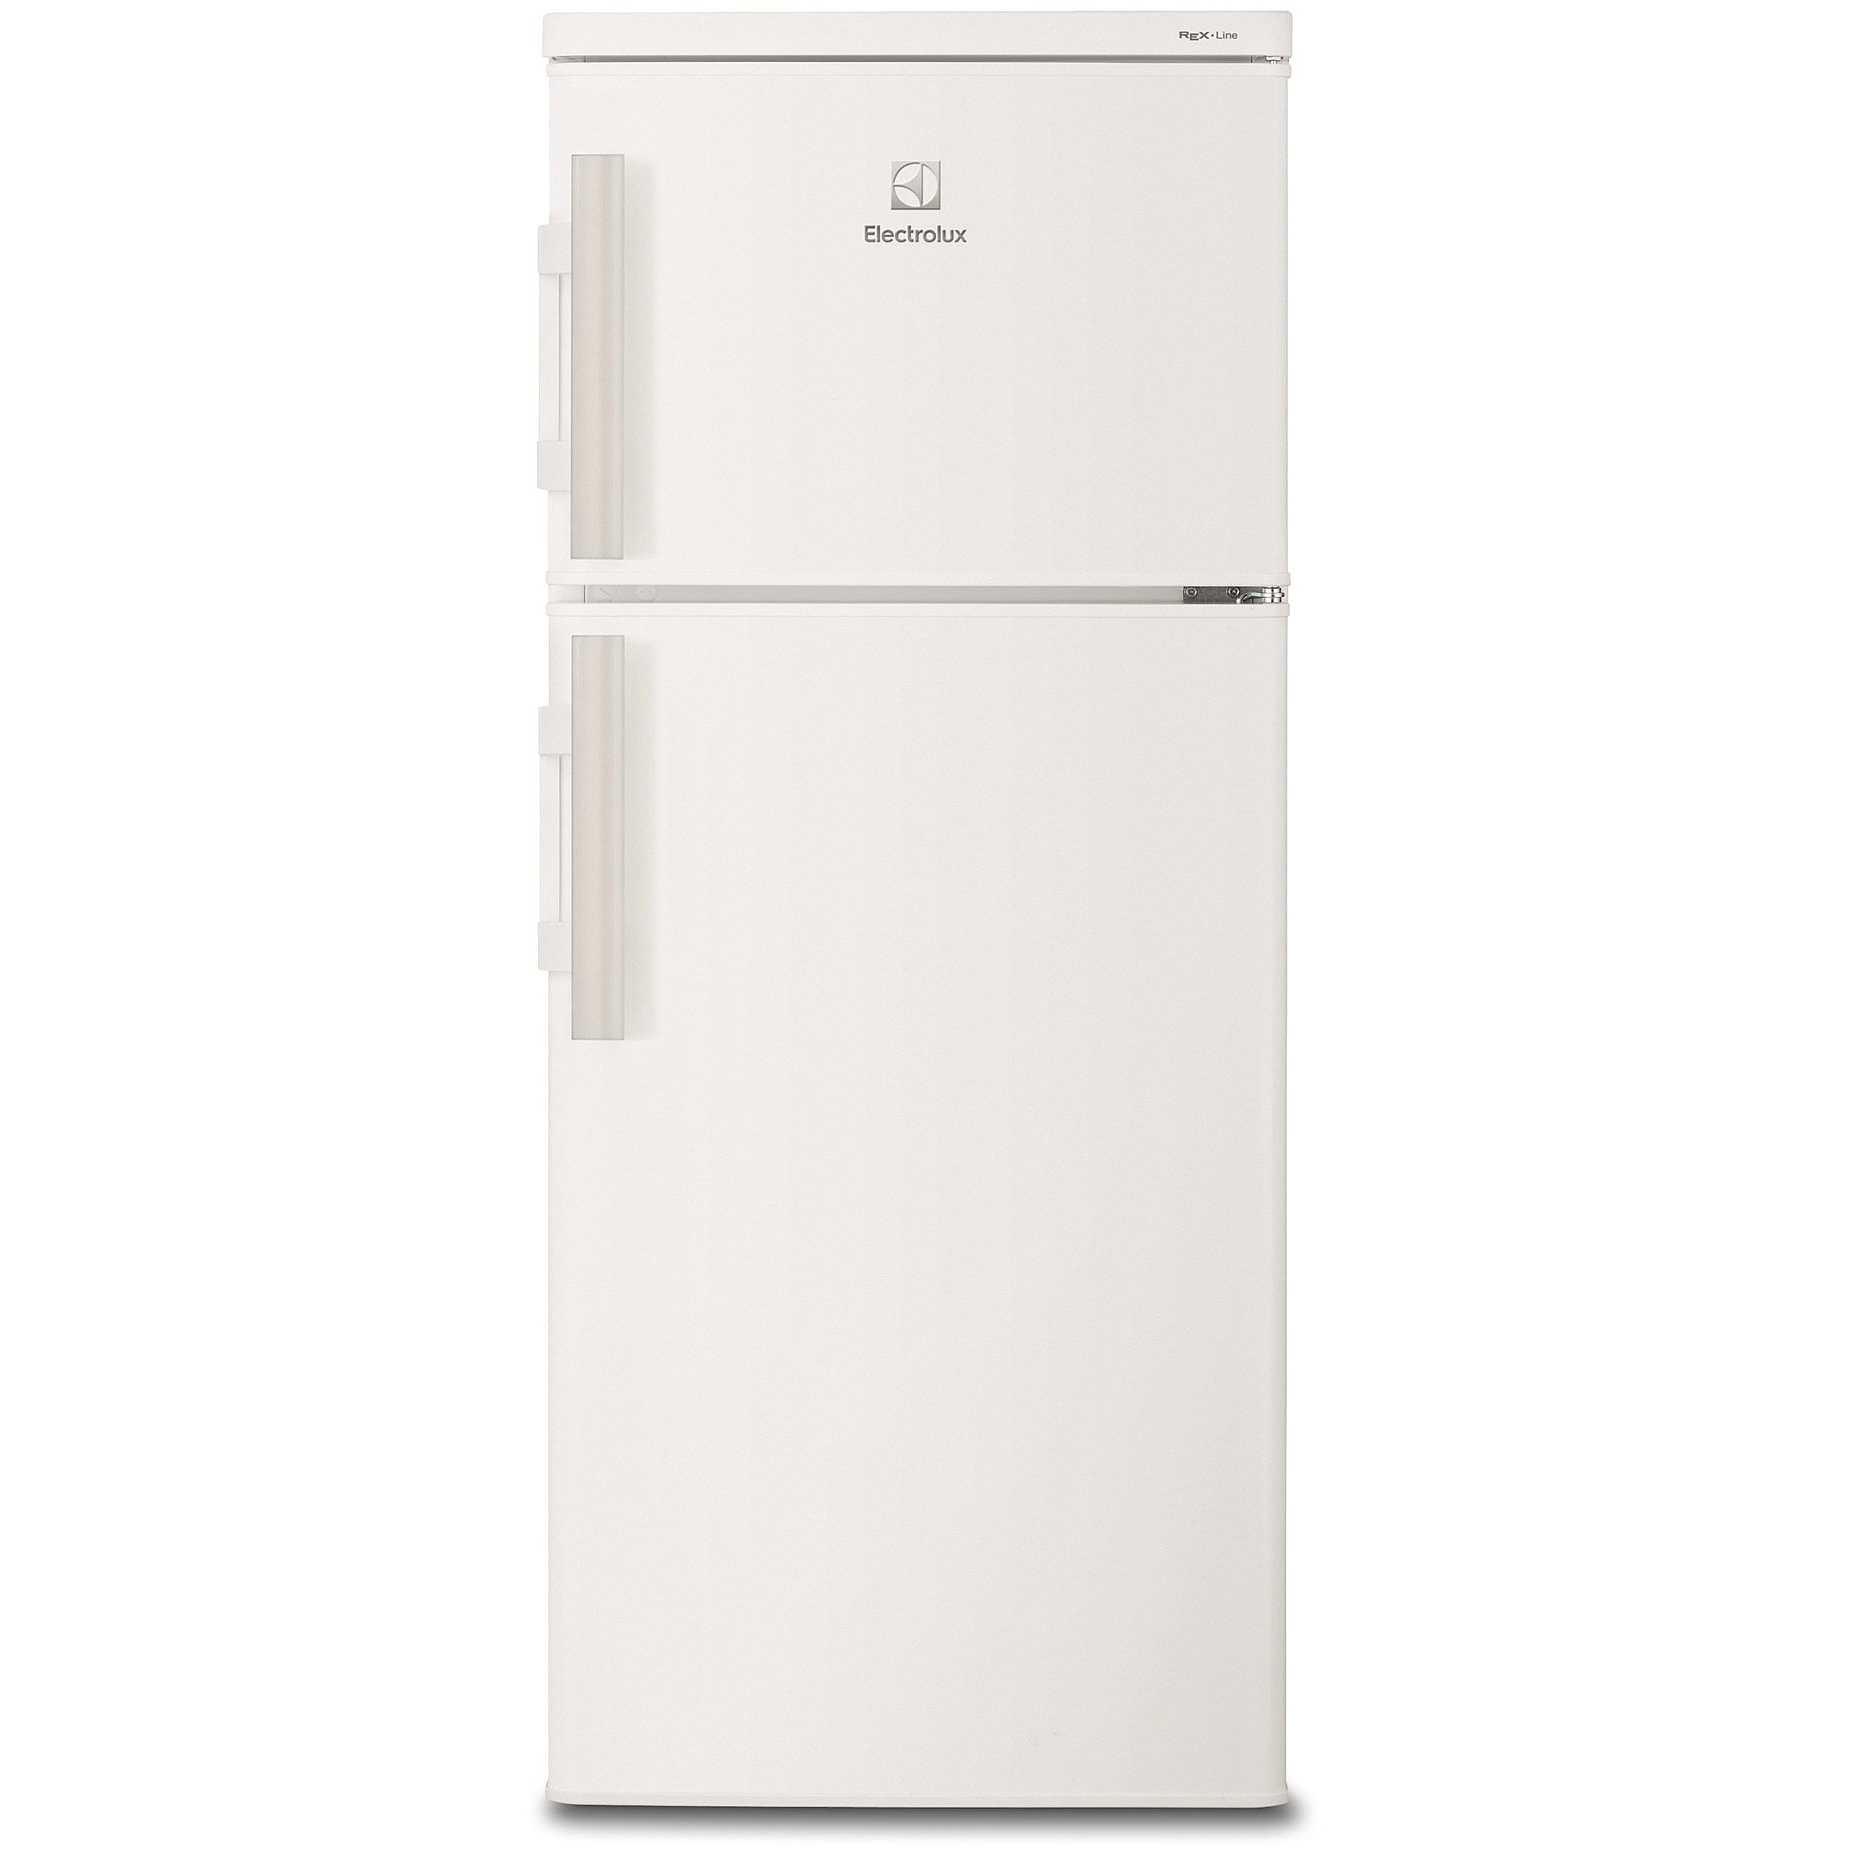 Rex/Electrolux RJ1800AOW frigorifero doppia porta 171 litri ...